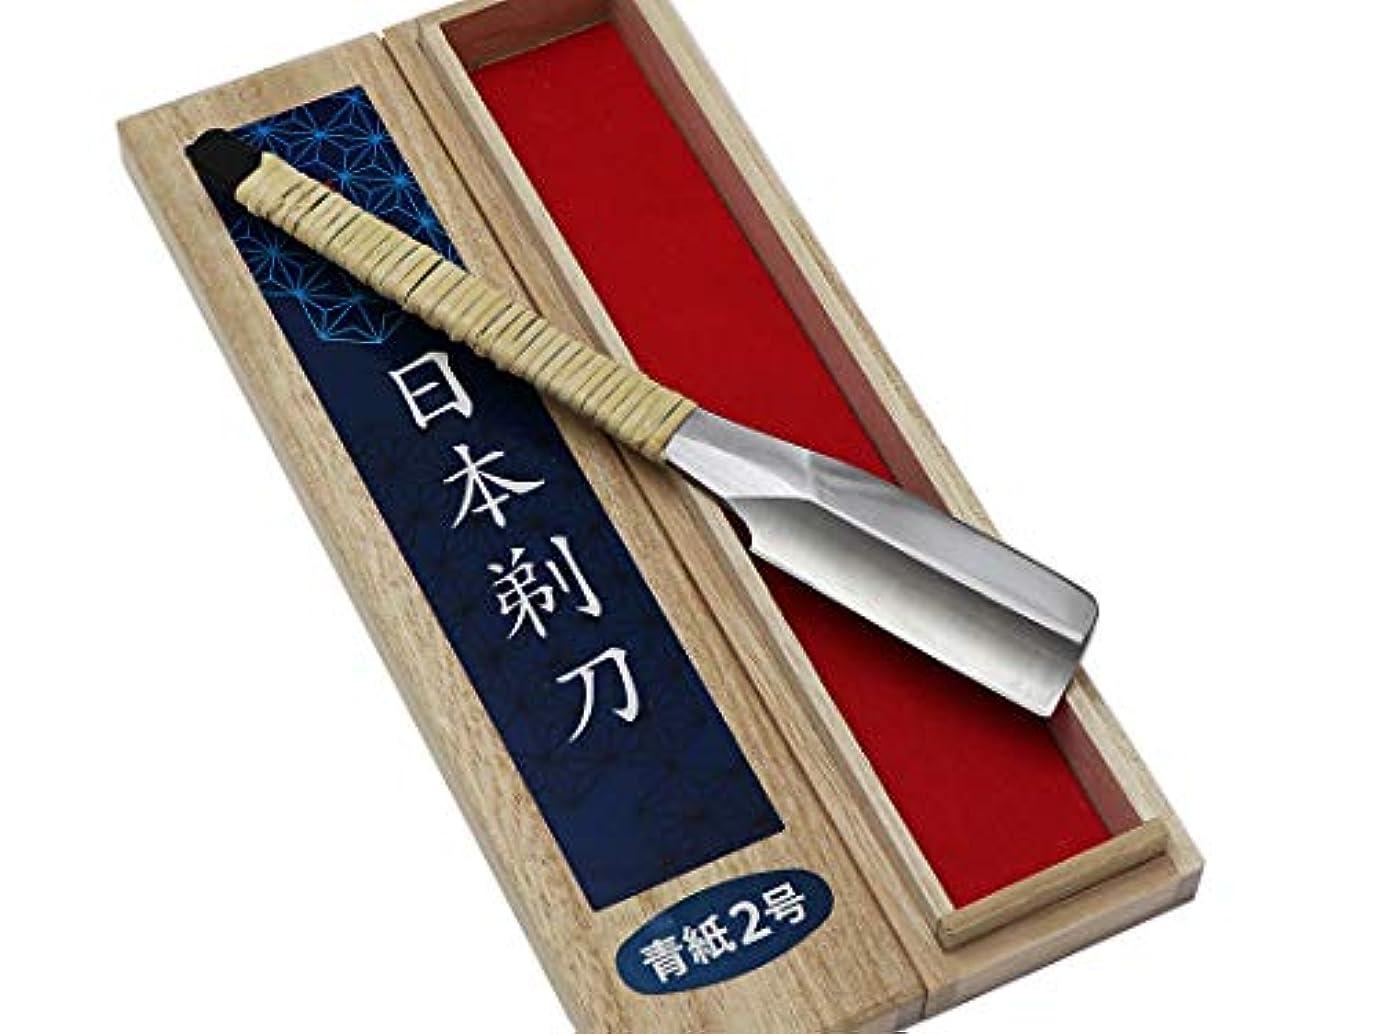 あたたかいチャーム直径播州打ち刃物 兼長作 日本剃刀(にほんかみそり) 青二鋼 桐箱入